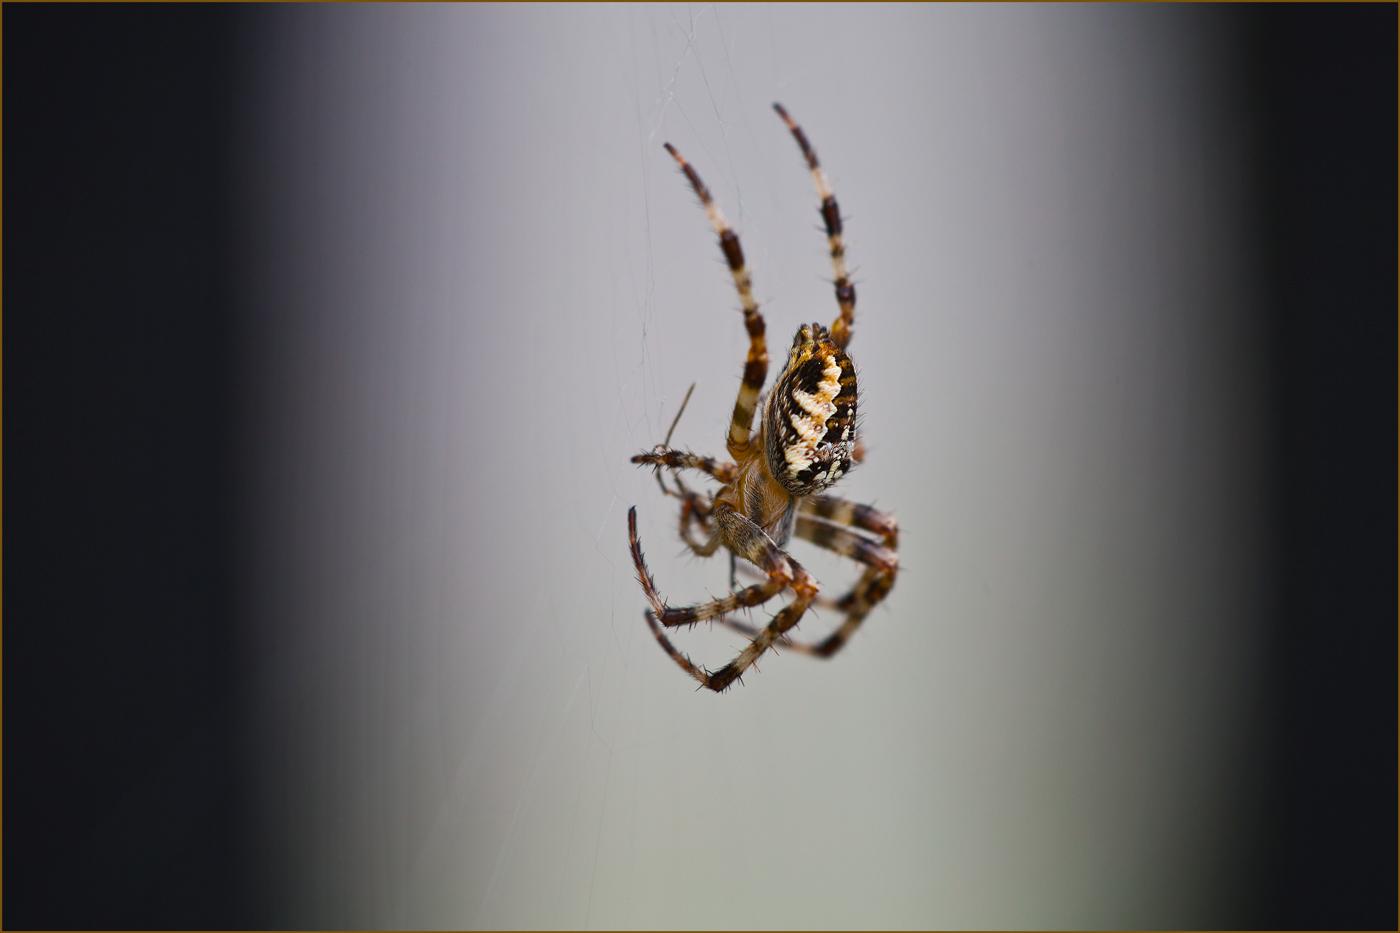 Arachnophobie hab ich sicher nicht .... denke ich.